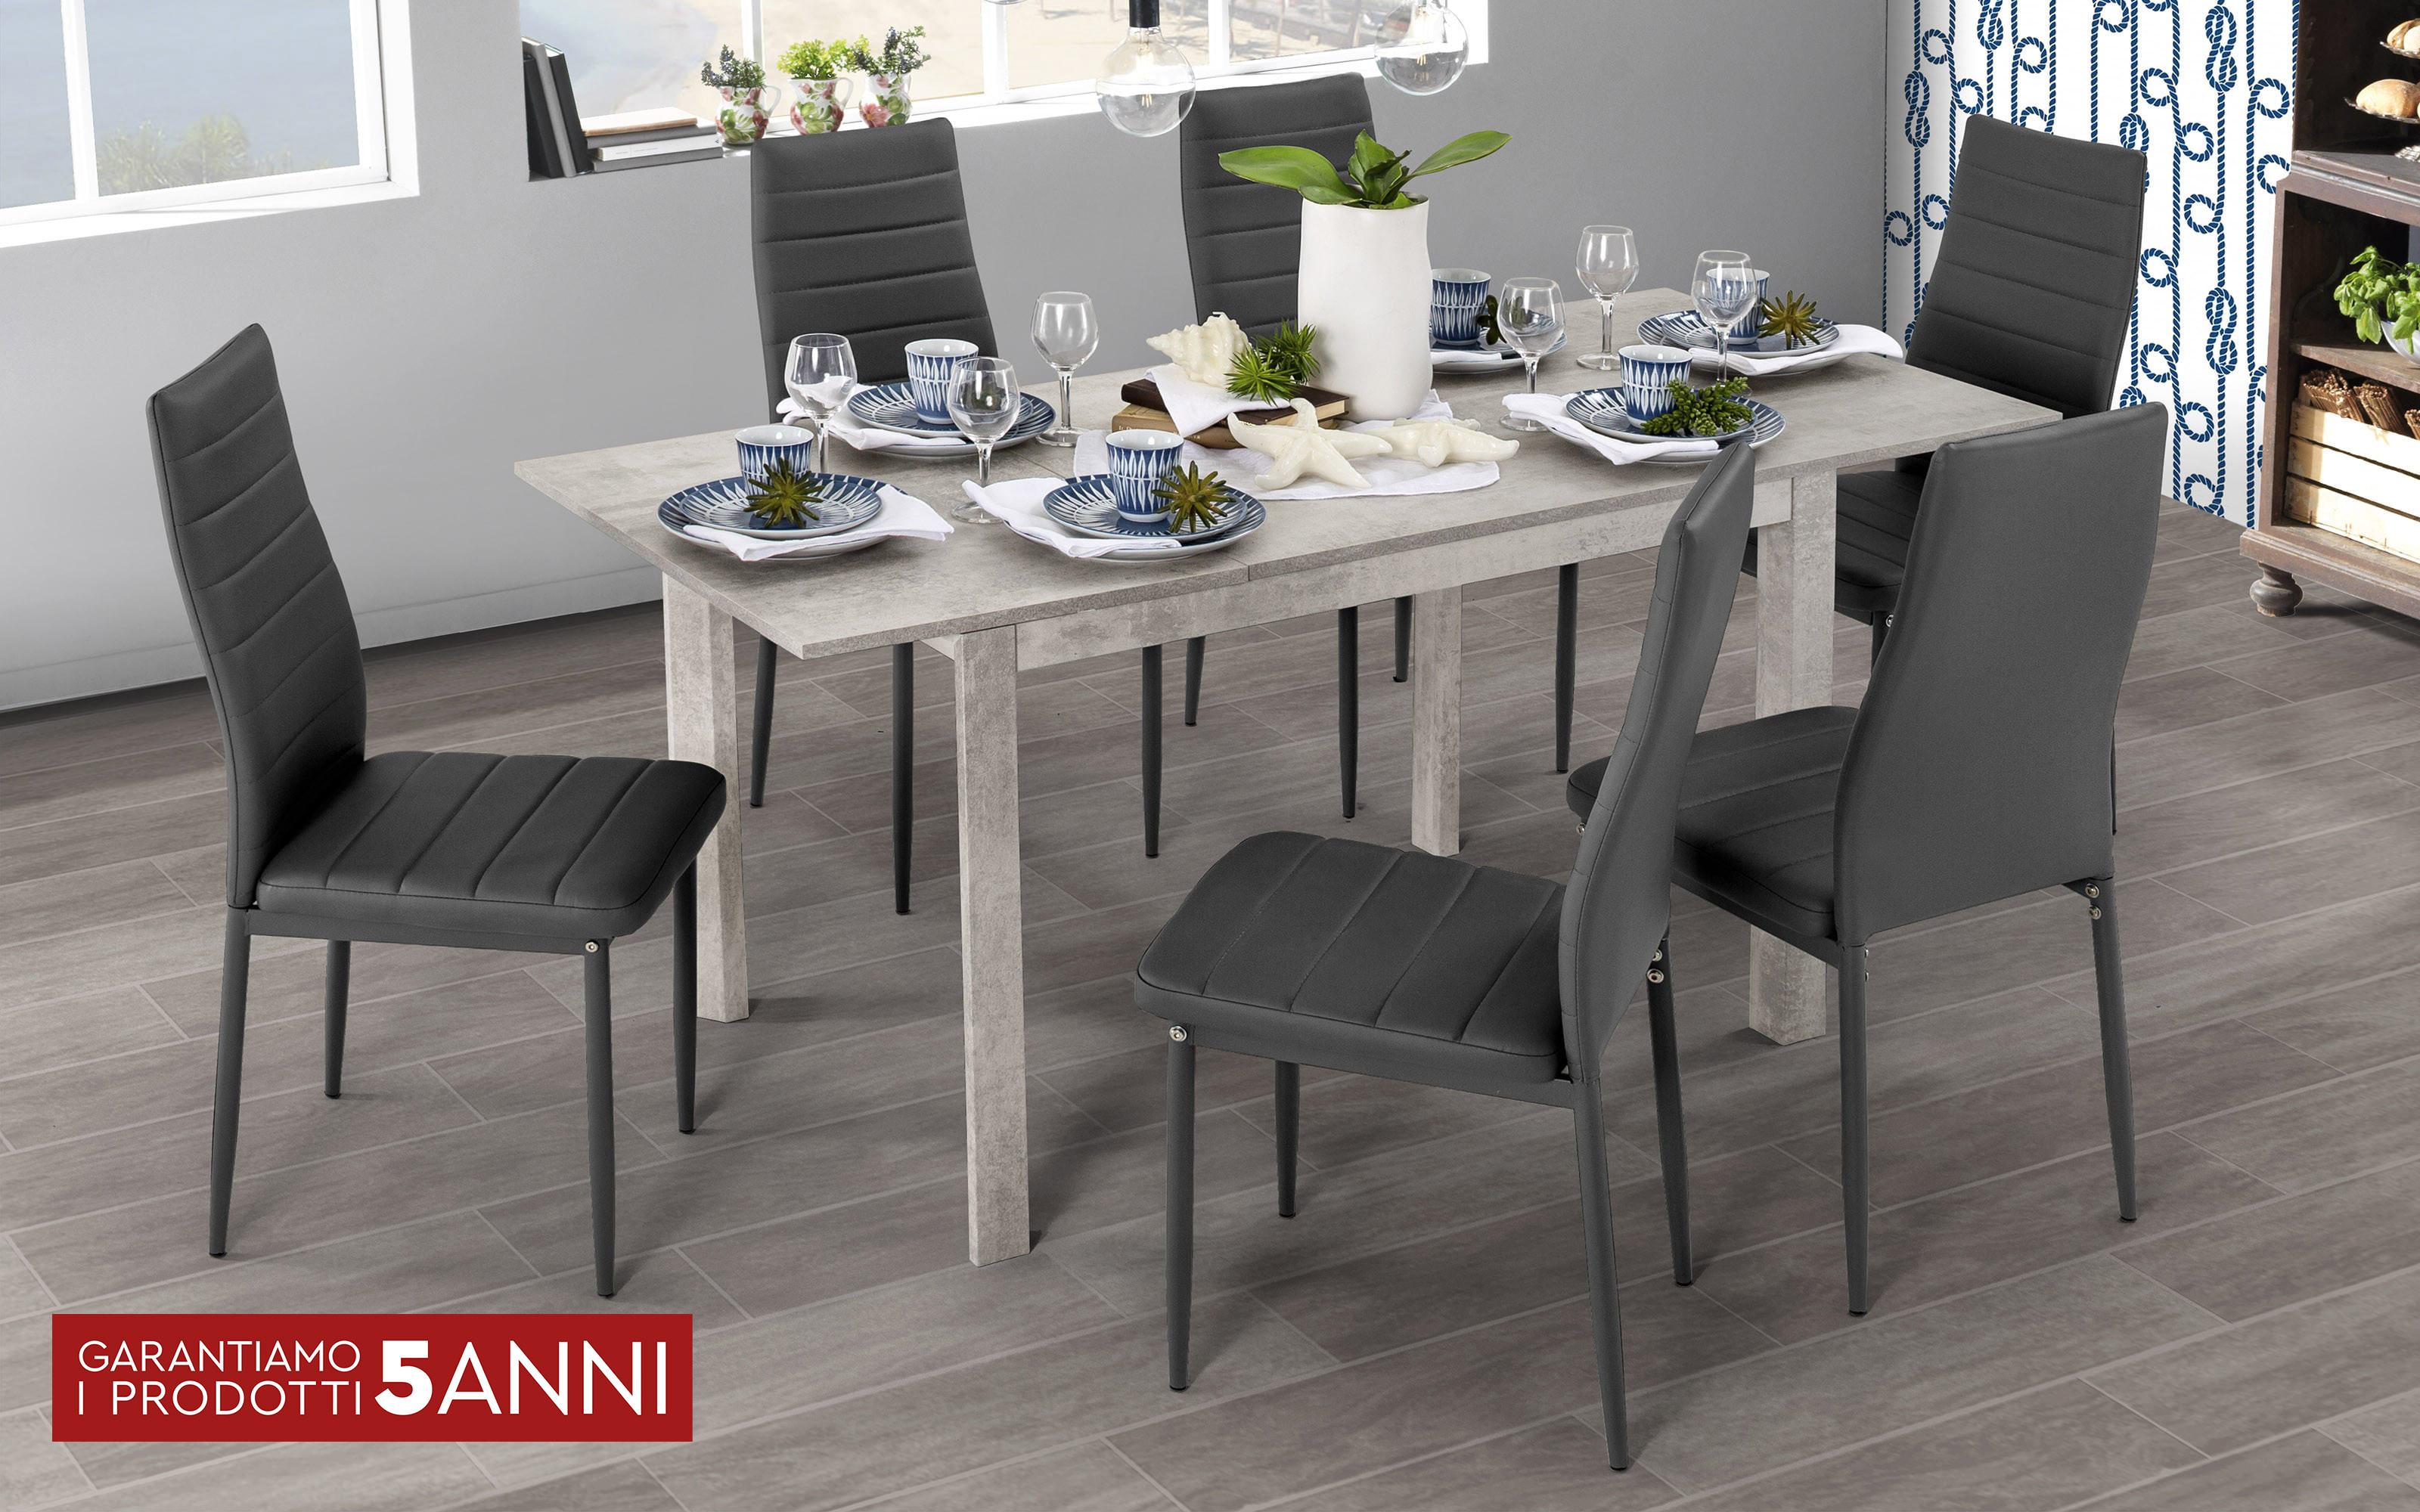 Tavolo Da Cucina 70 X 110 Allungabile.Tavolo Allungabile Color Cemento Cm 110 X 70 X 75h Dafne Design